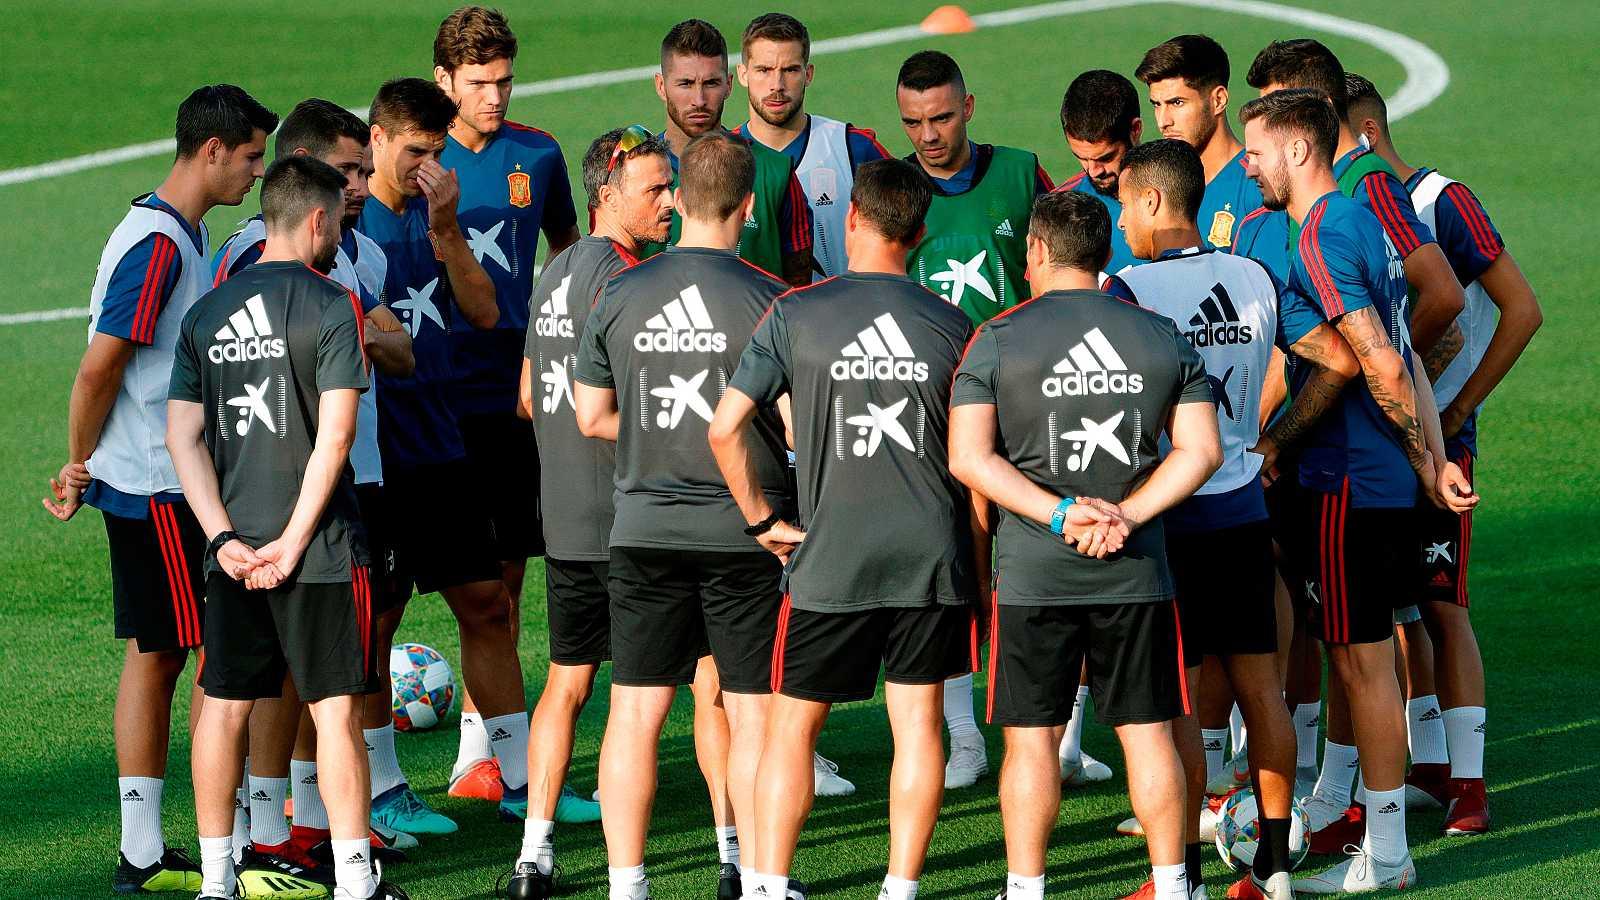 La selección española se ha ejercitado por primera vez a las órdenes de Luis Enrique, el nuevo seleccionador de la Roja.